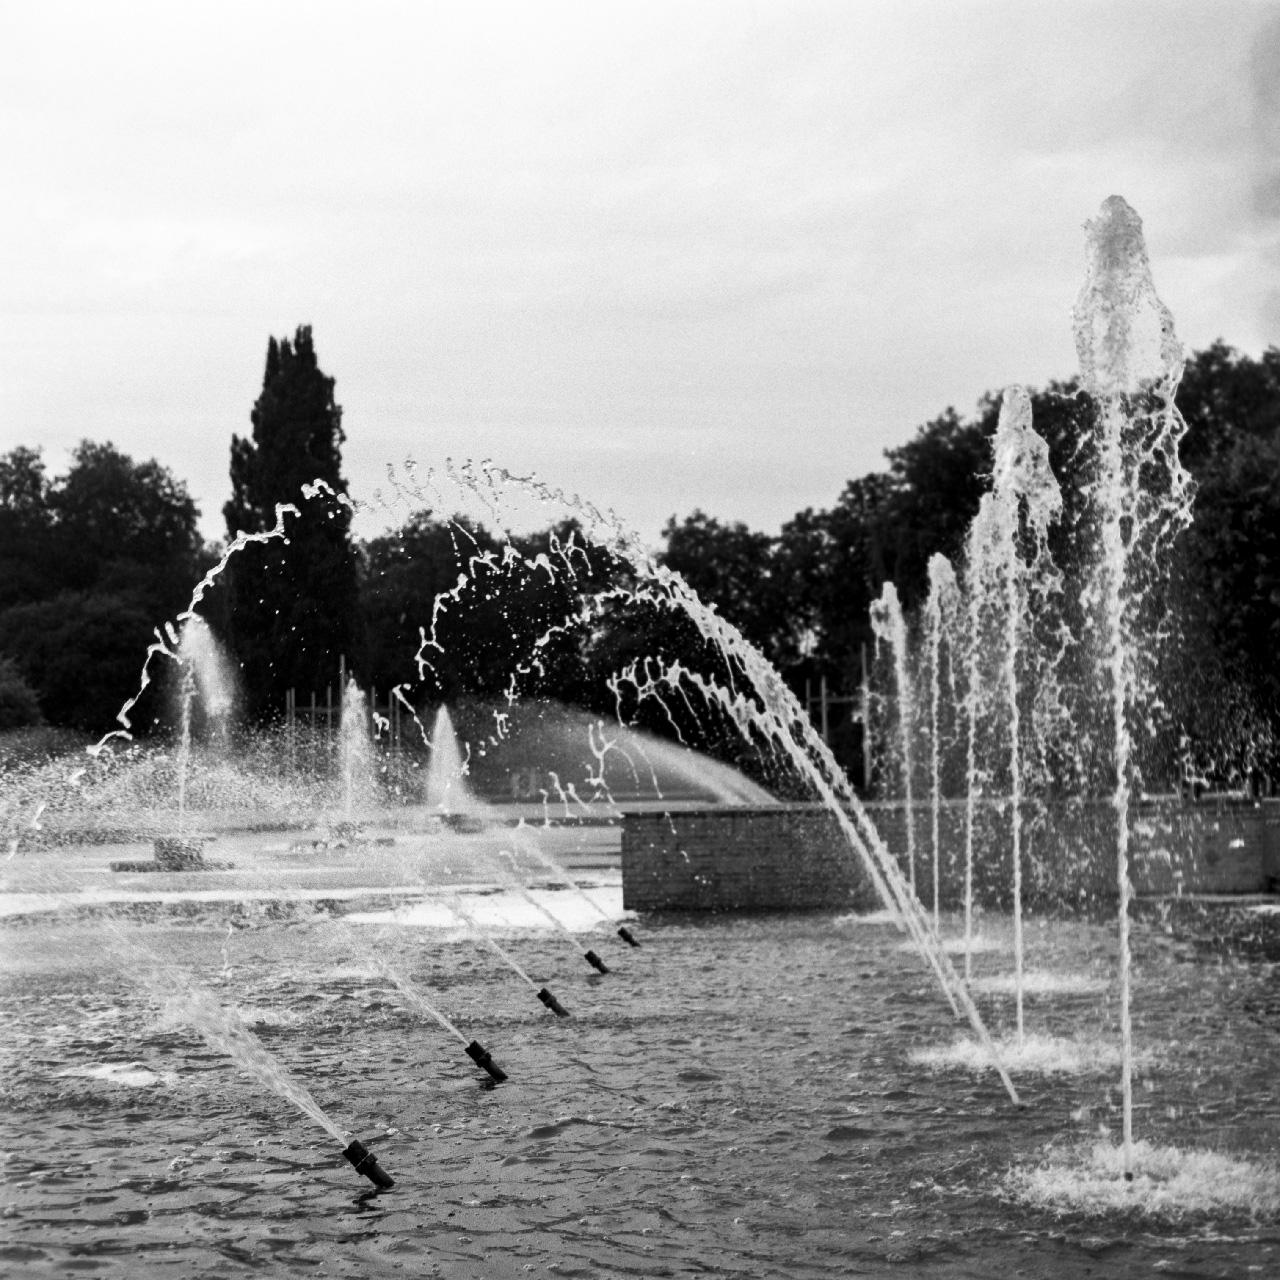 Water pool at Battersea park